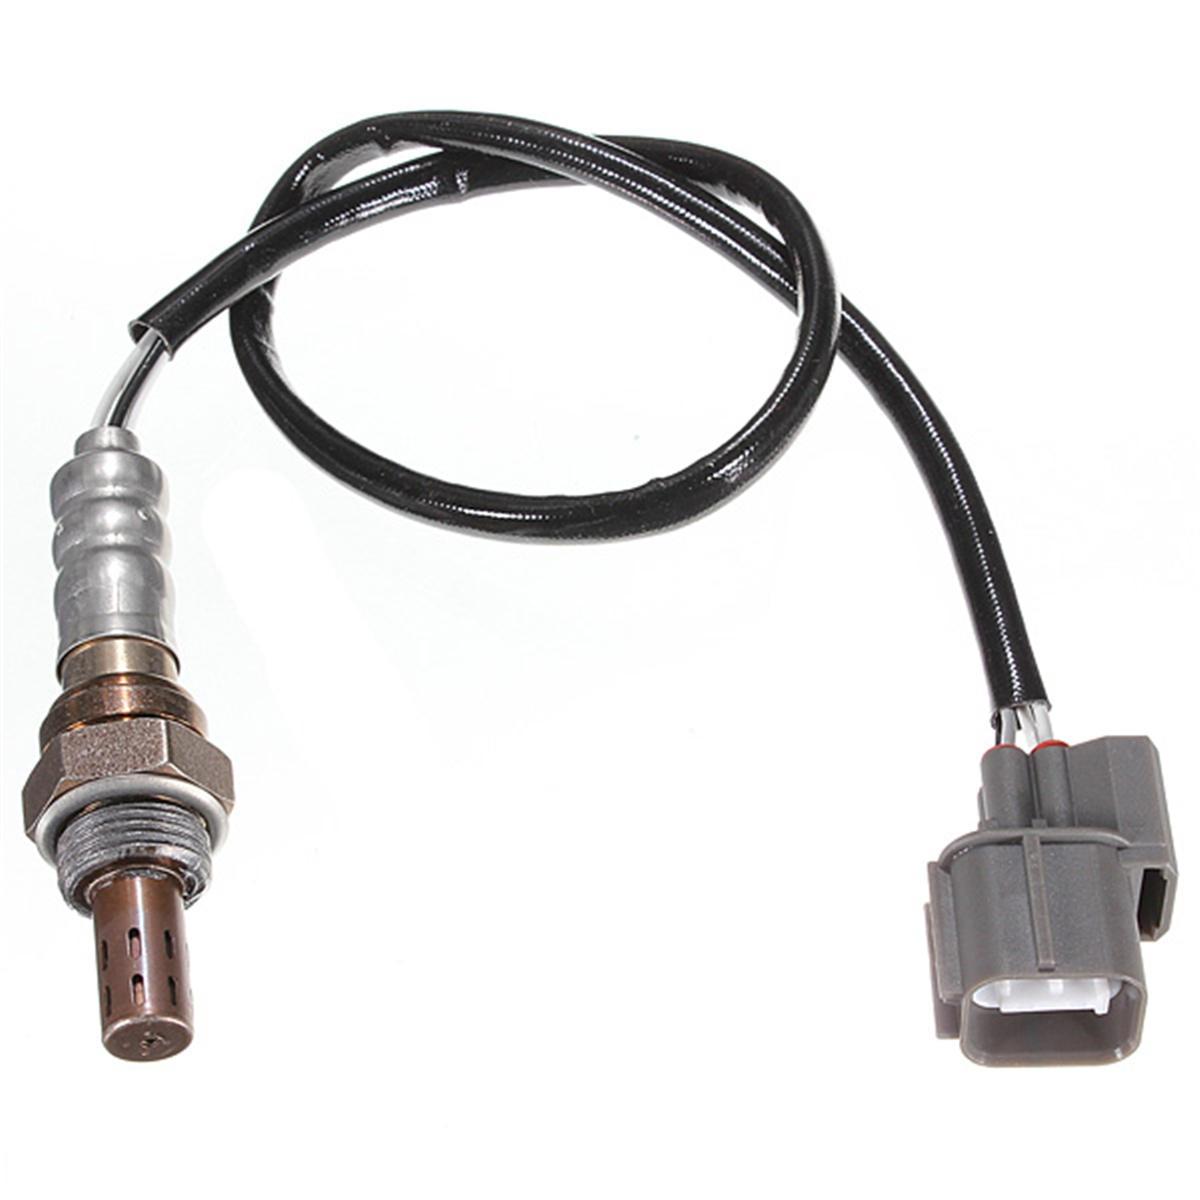 Neue 4 Pin Upstream O2 Sauerstoffsensor Für Honda für Acura für Isuzu für Civic für CR-V AM-32232736